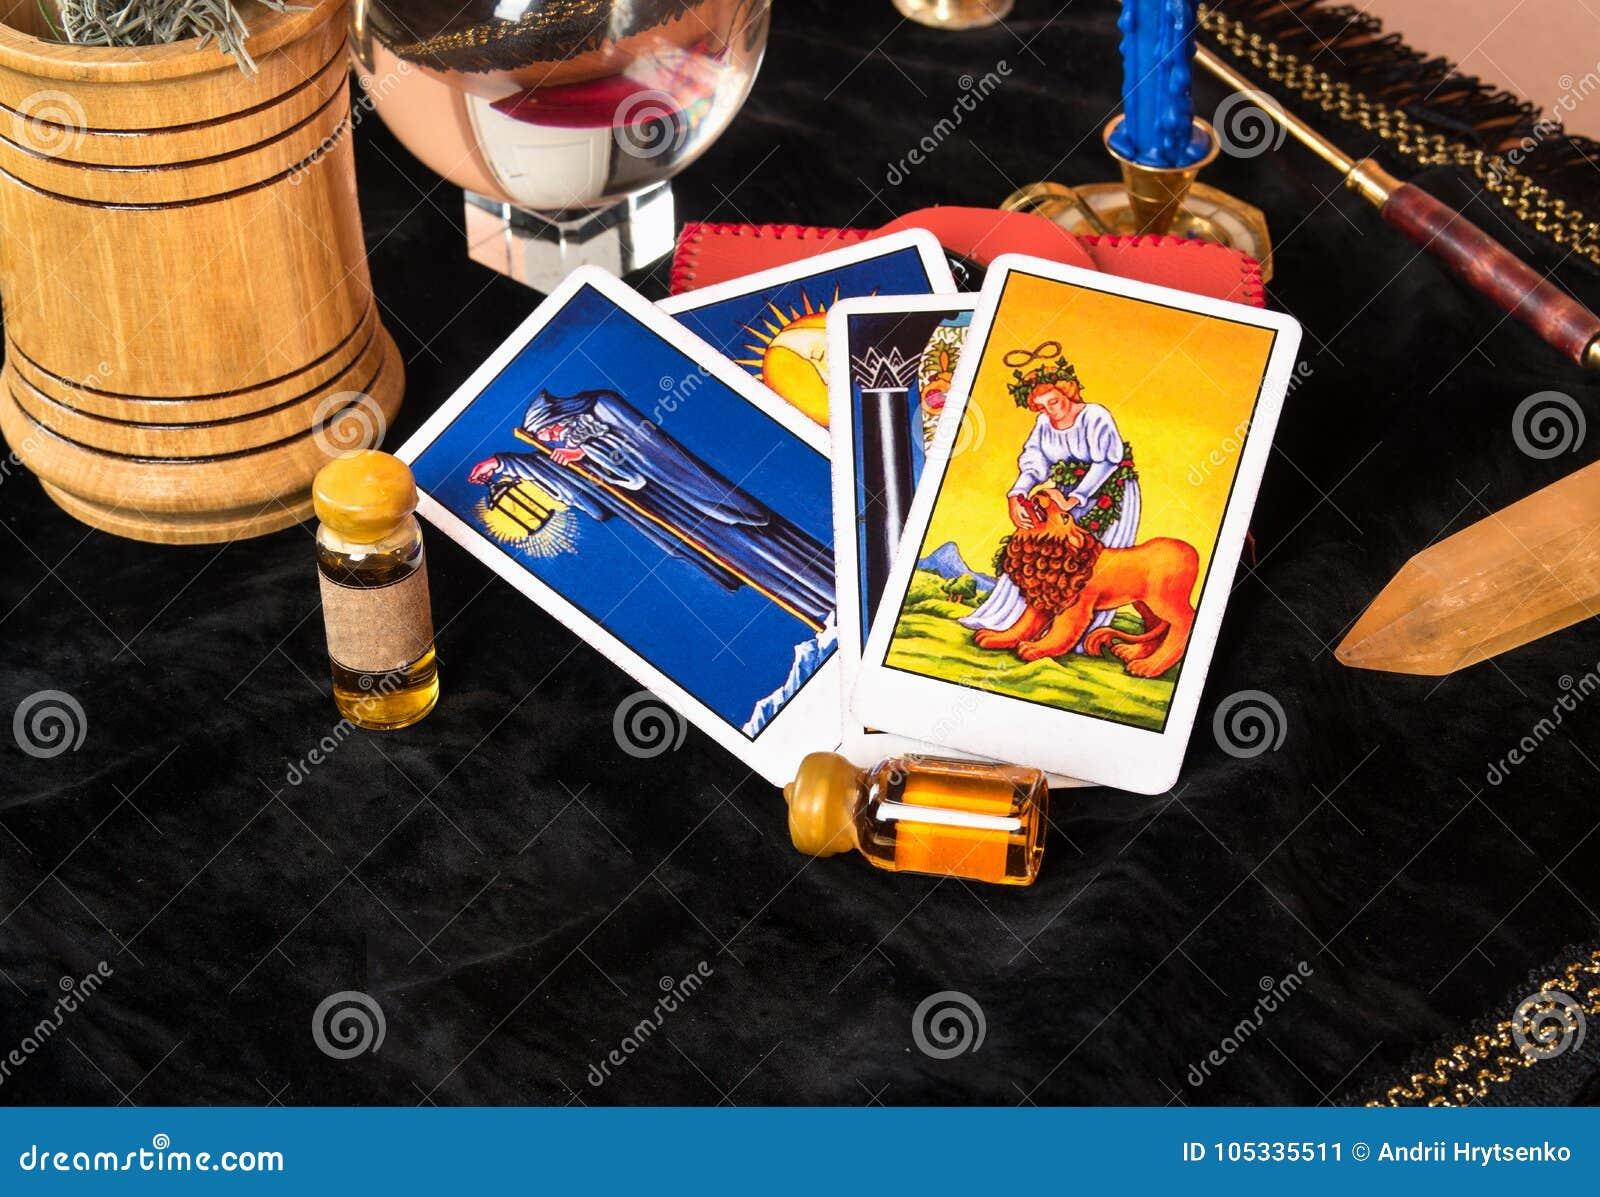 Tarot karty na stole